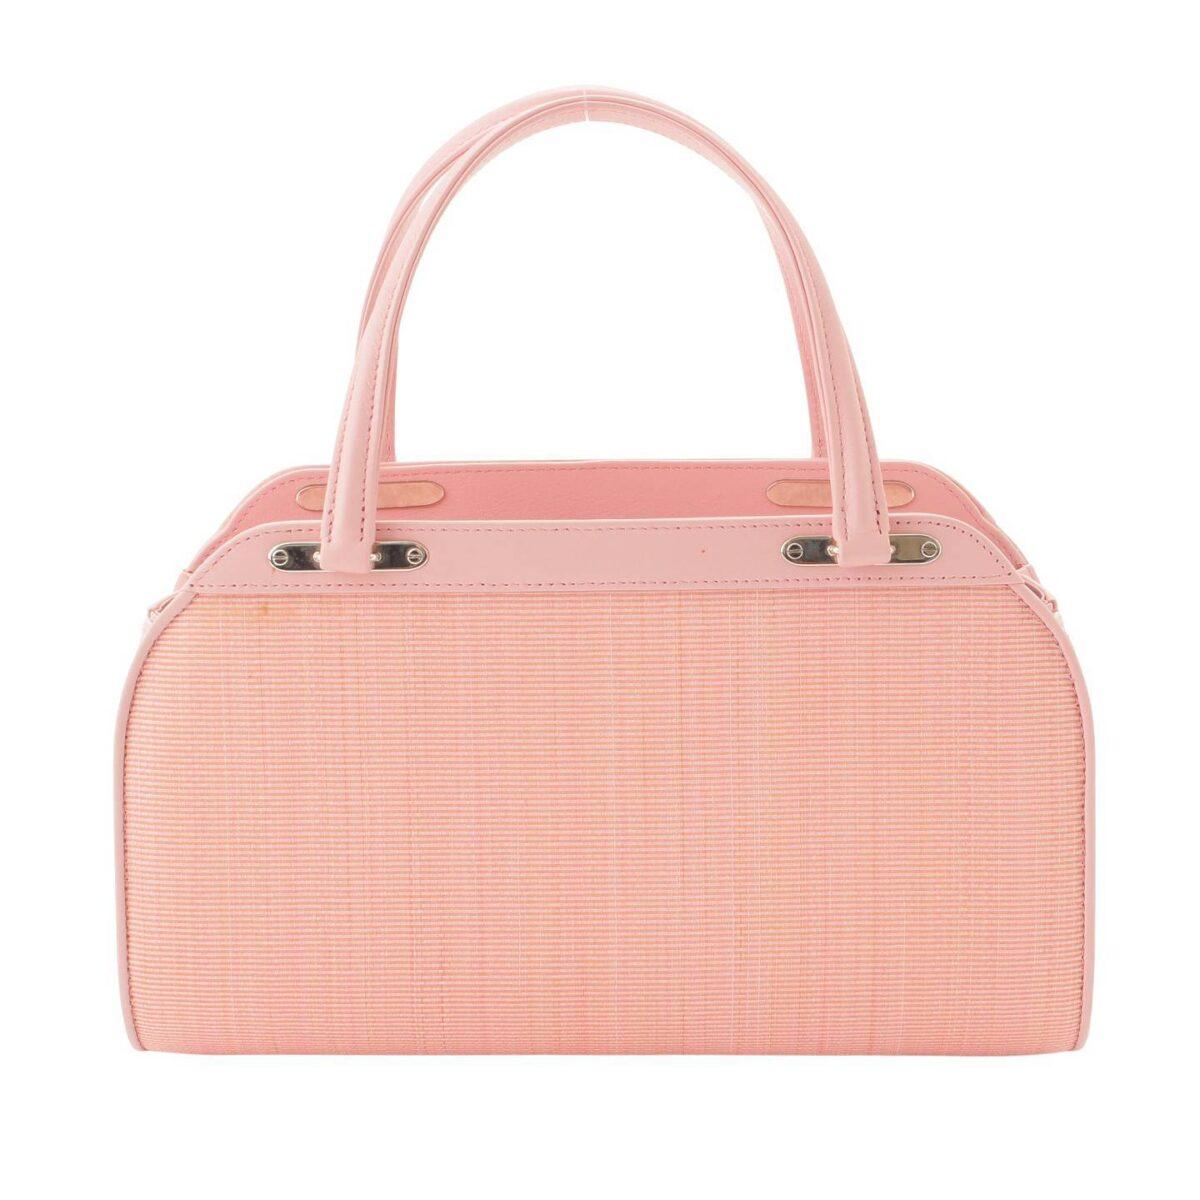 コンテス フラップオーバーバッグ ホースヘアー ハンドバッグ C007578 ピンク